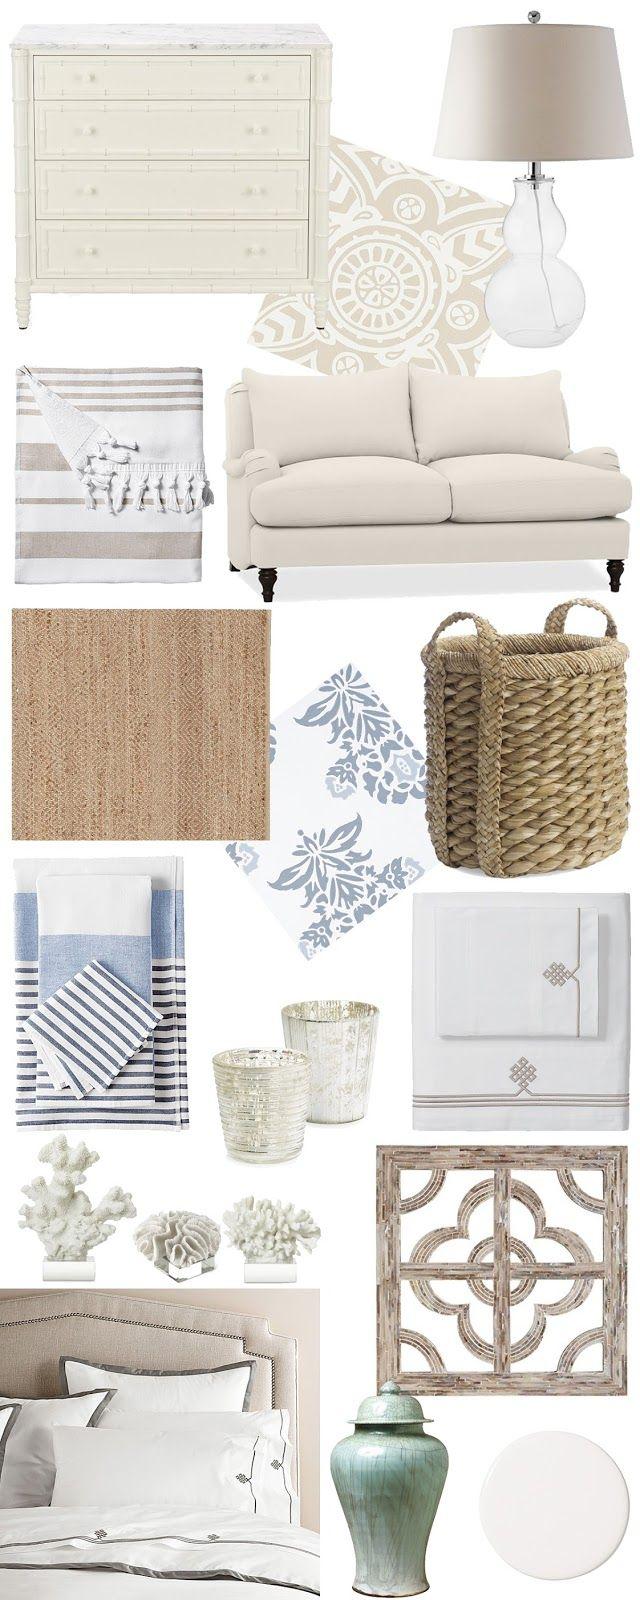 Coastal Decor white wicker simplistic furniture home decor